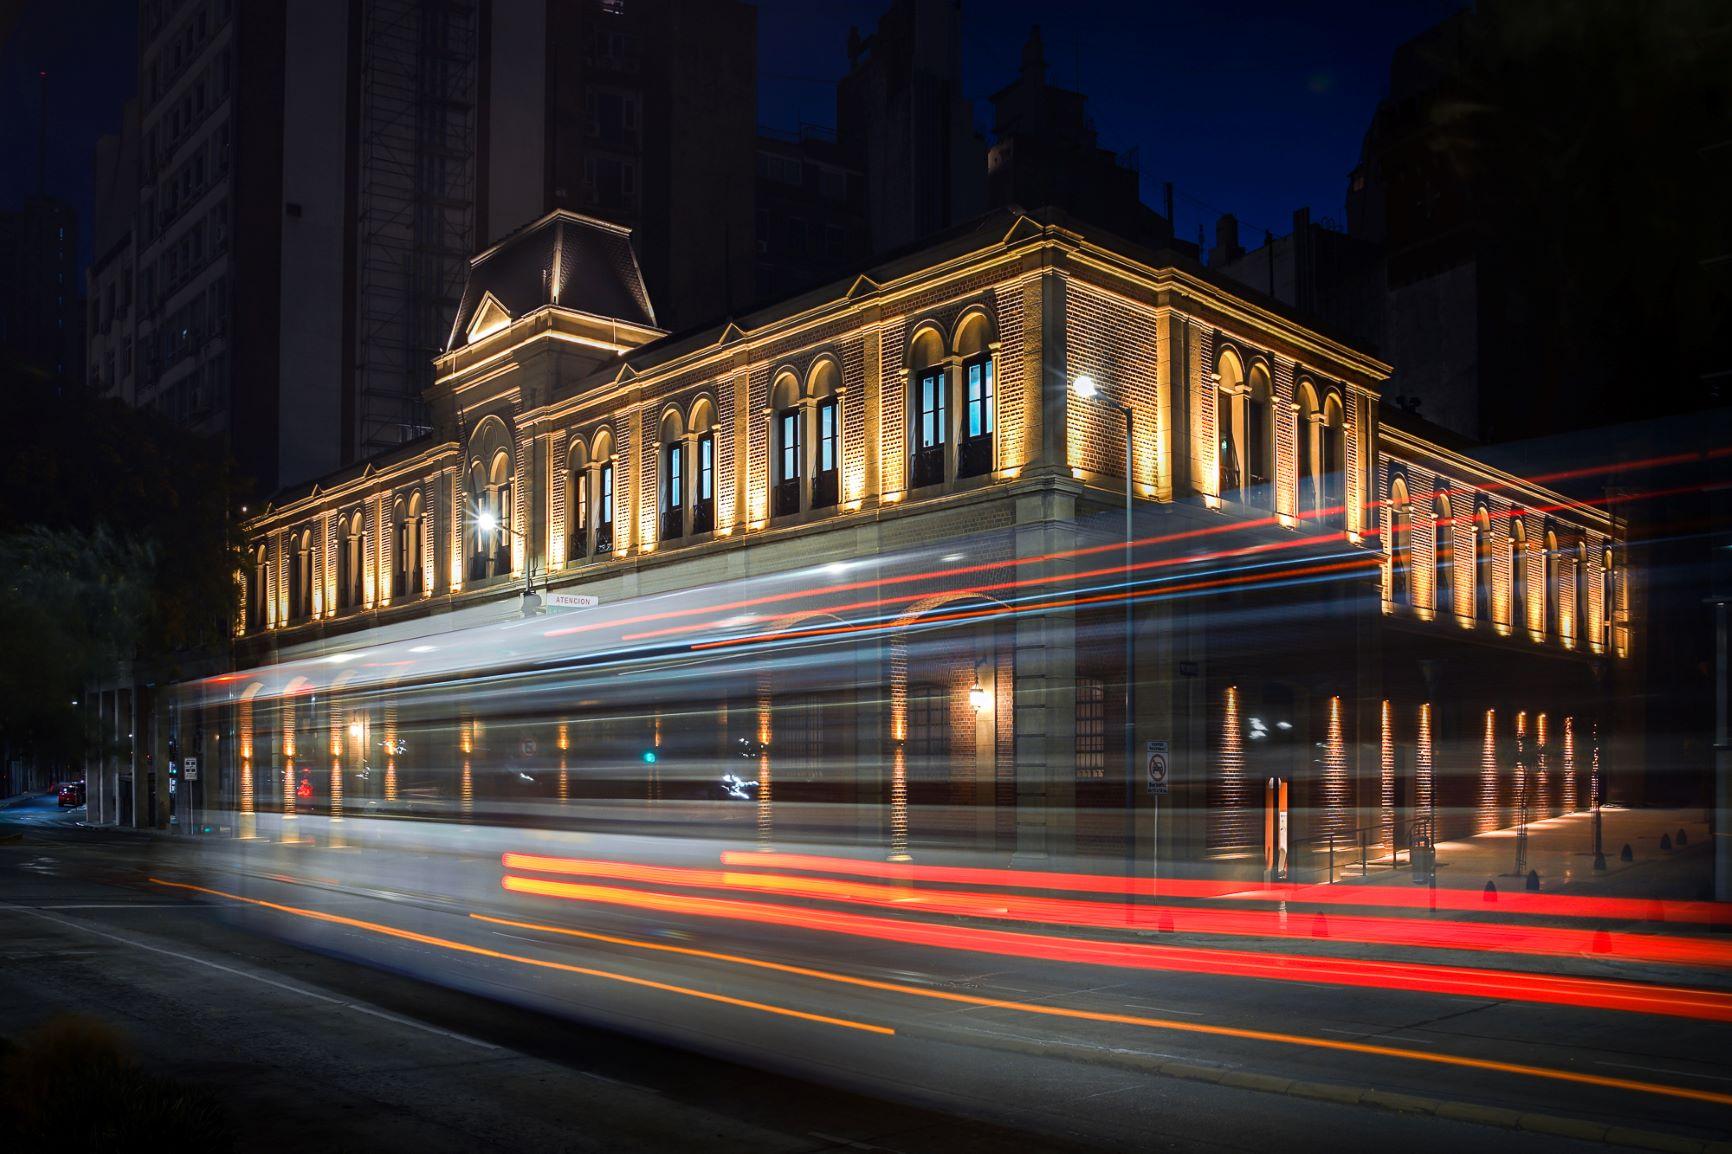 Introducción a la fotografía de arquitectura y paisaje urbano nocturno